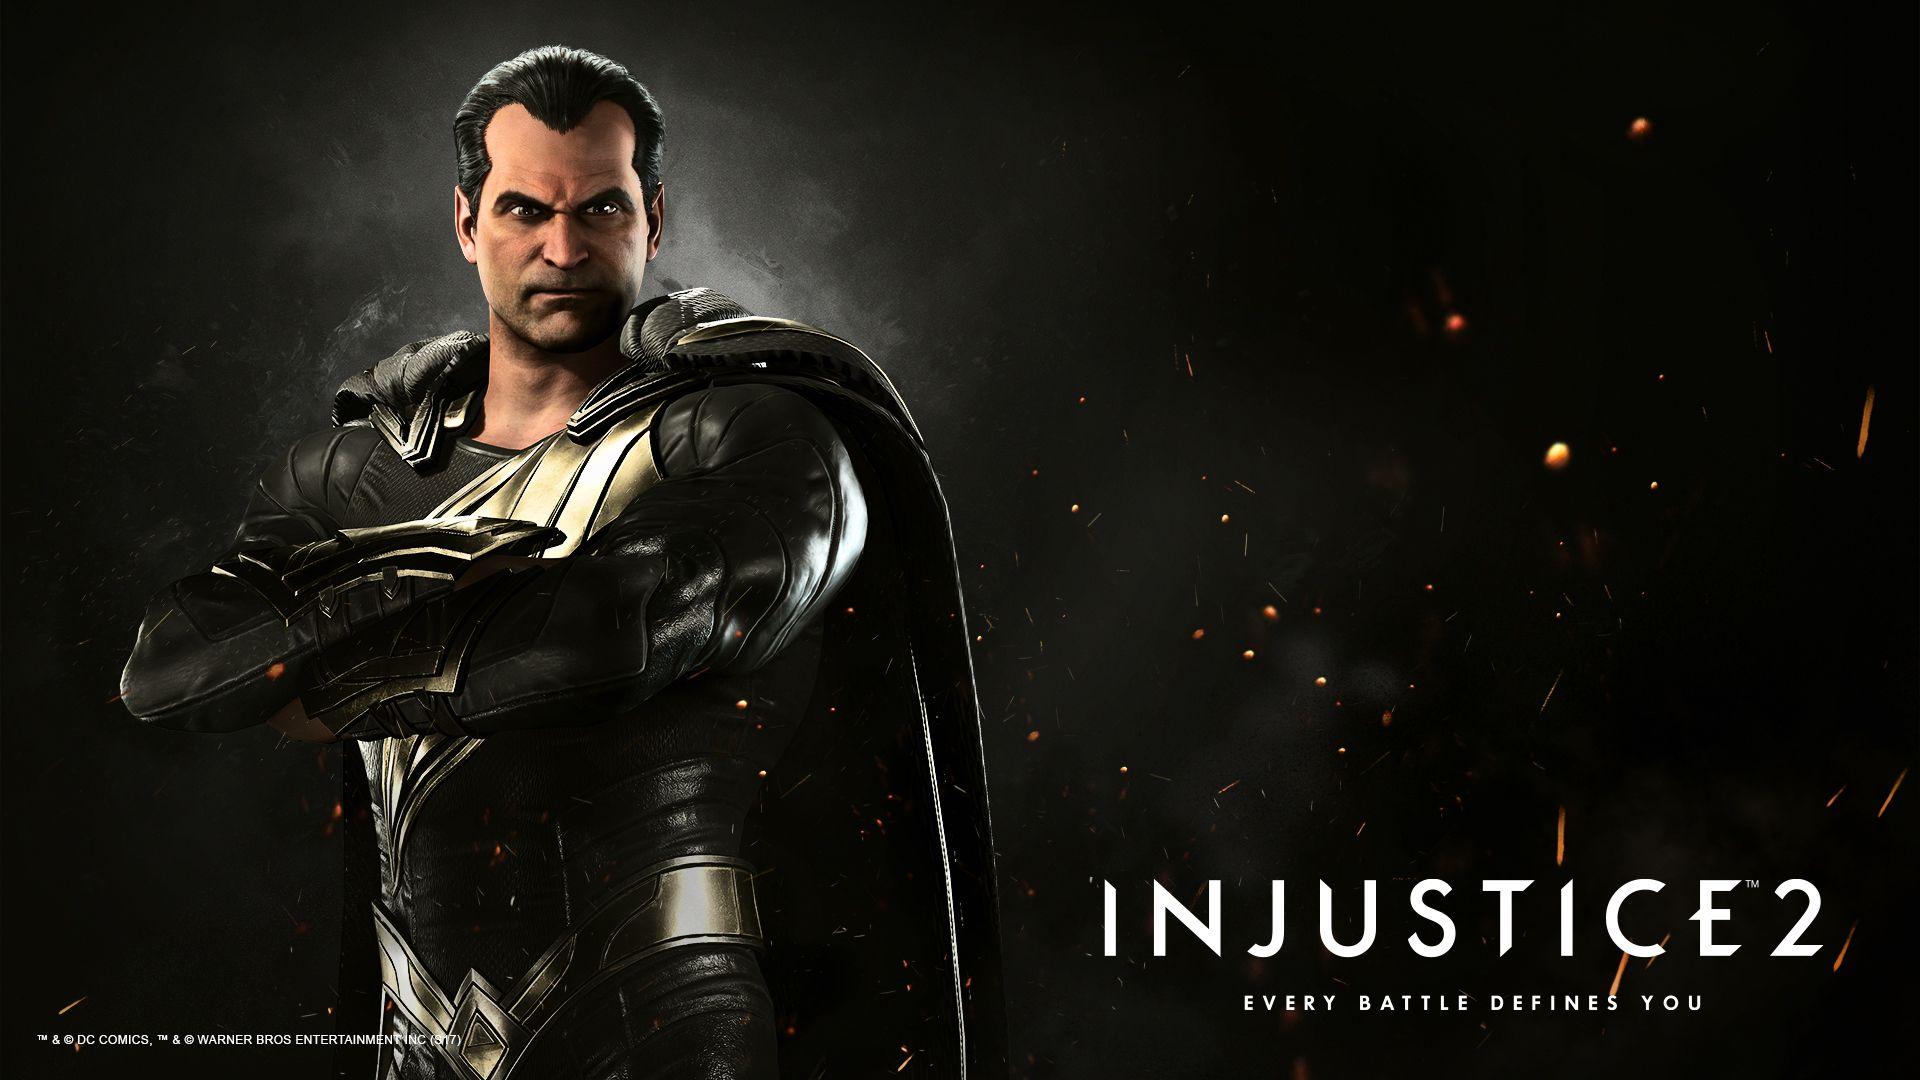 Teth-Adam (Injustice)